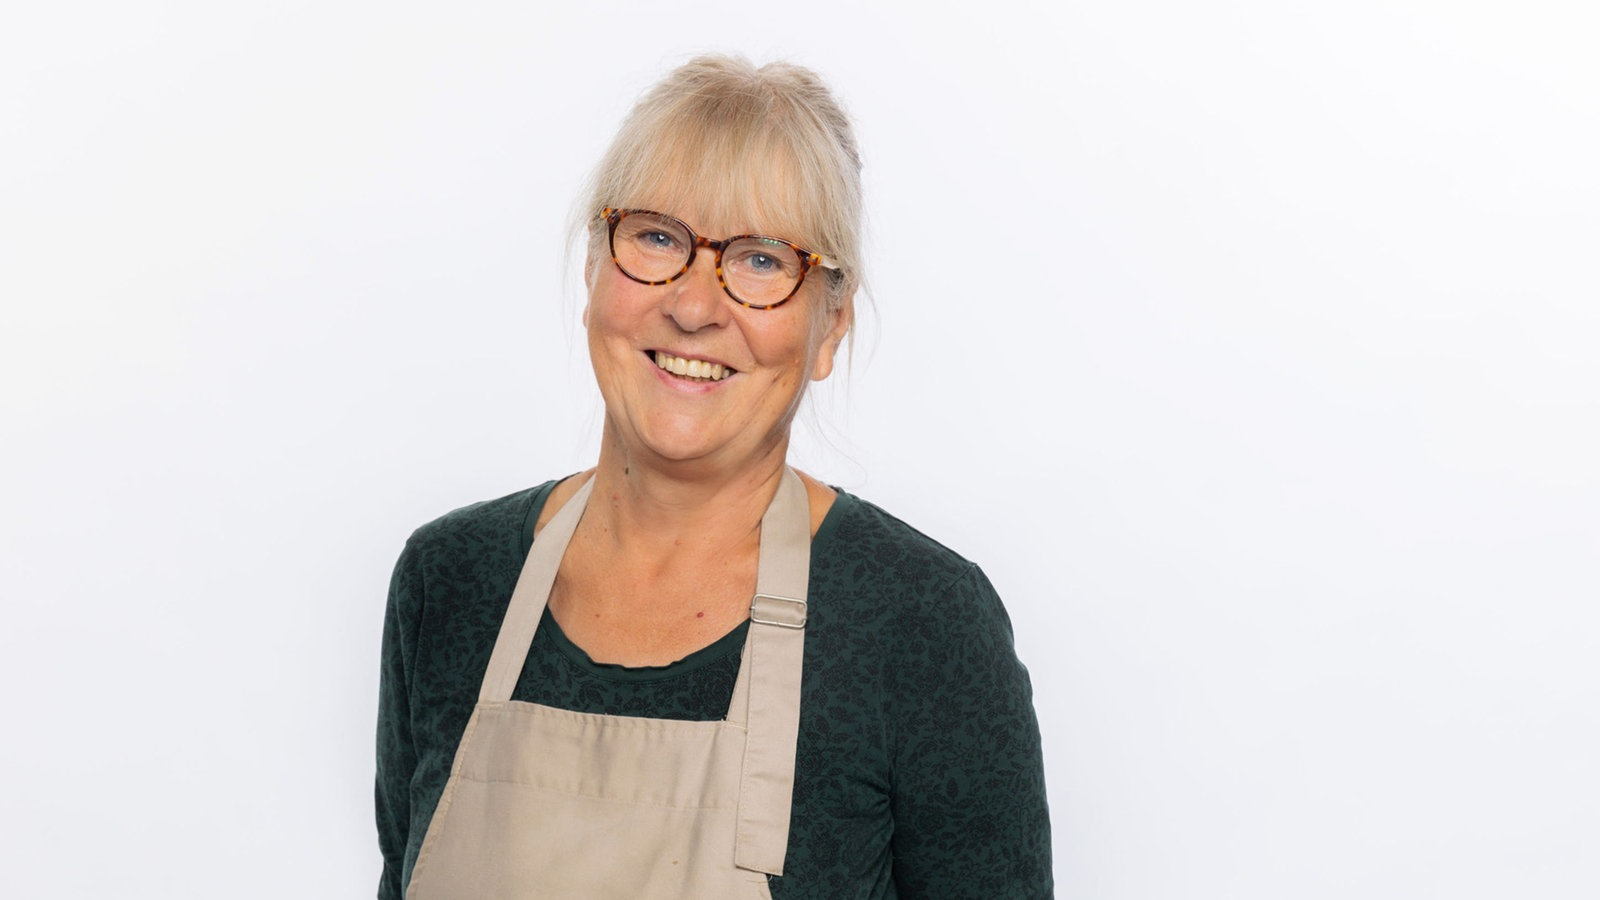 Alle Rezepte von Ulla Scholz - Köche - Rezepte - Verbraucher - WDR